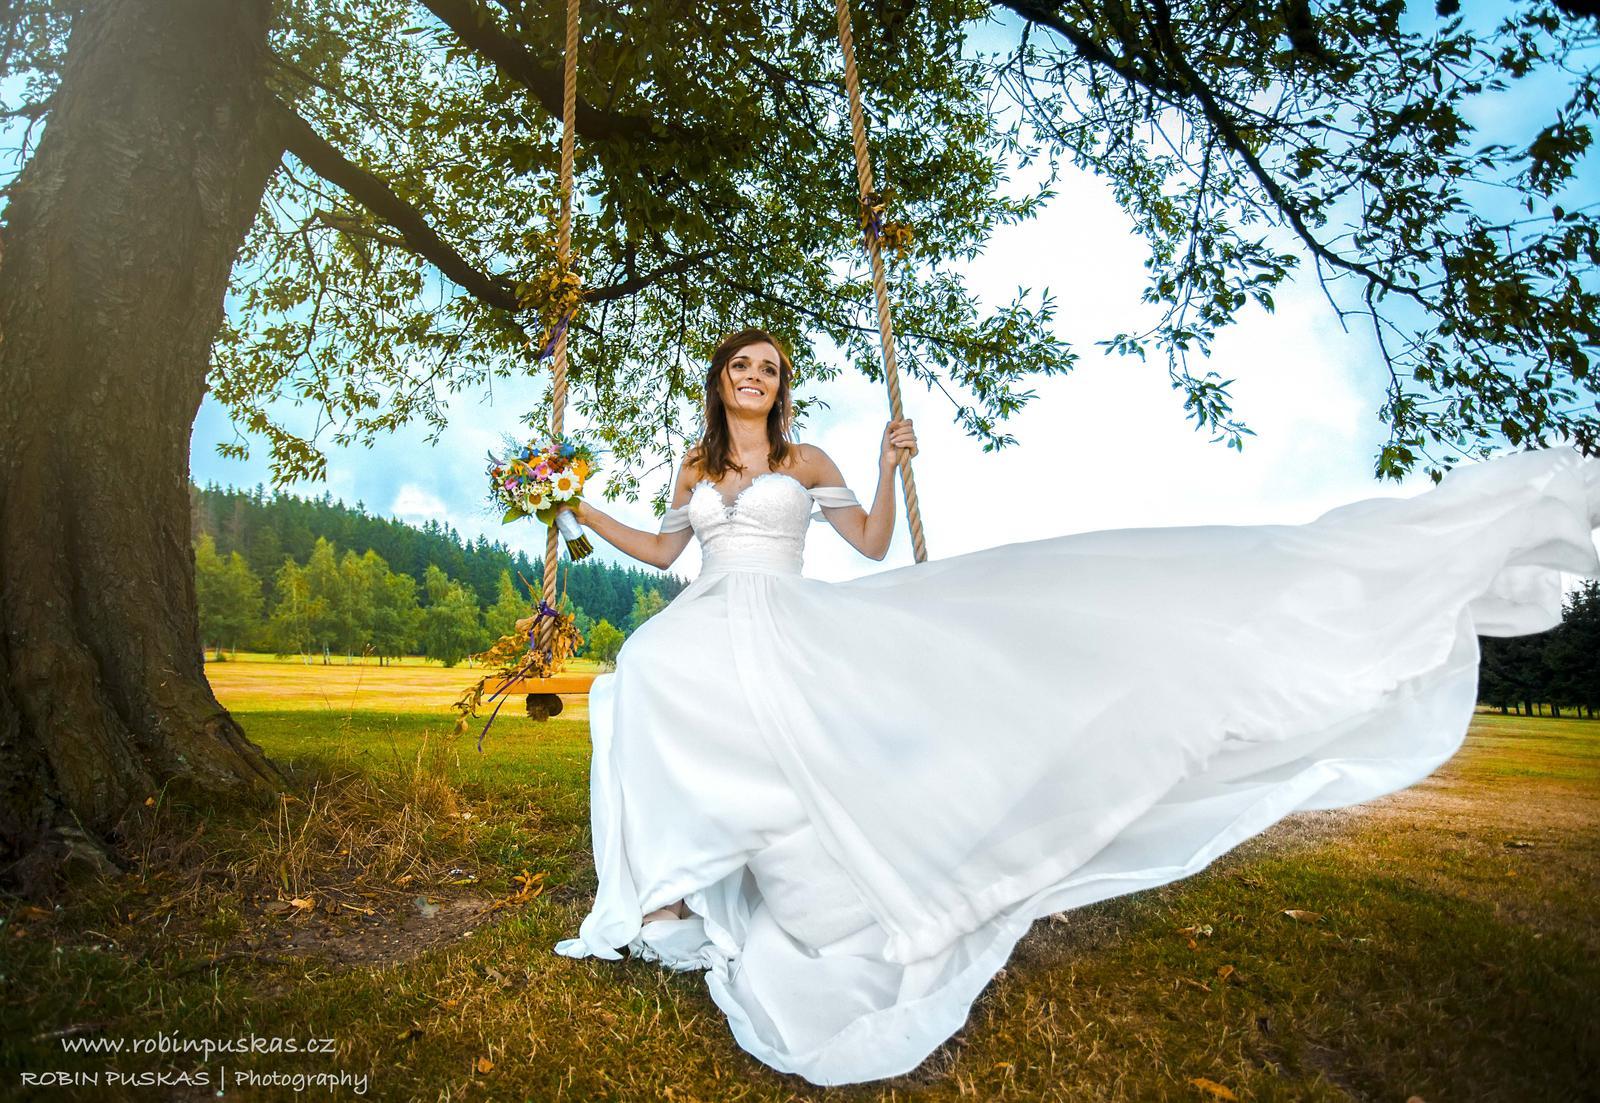 Weddings 👰2019 - Obrázek č. 33